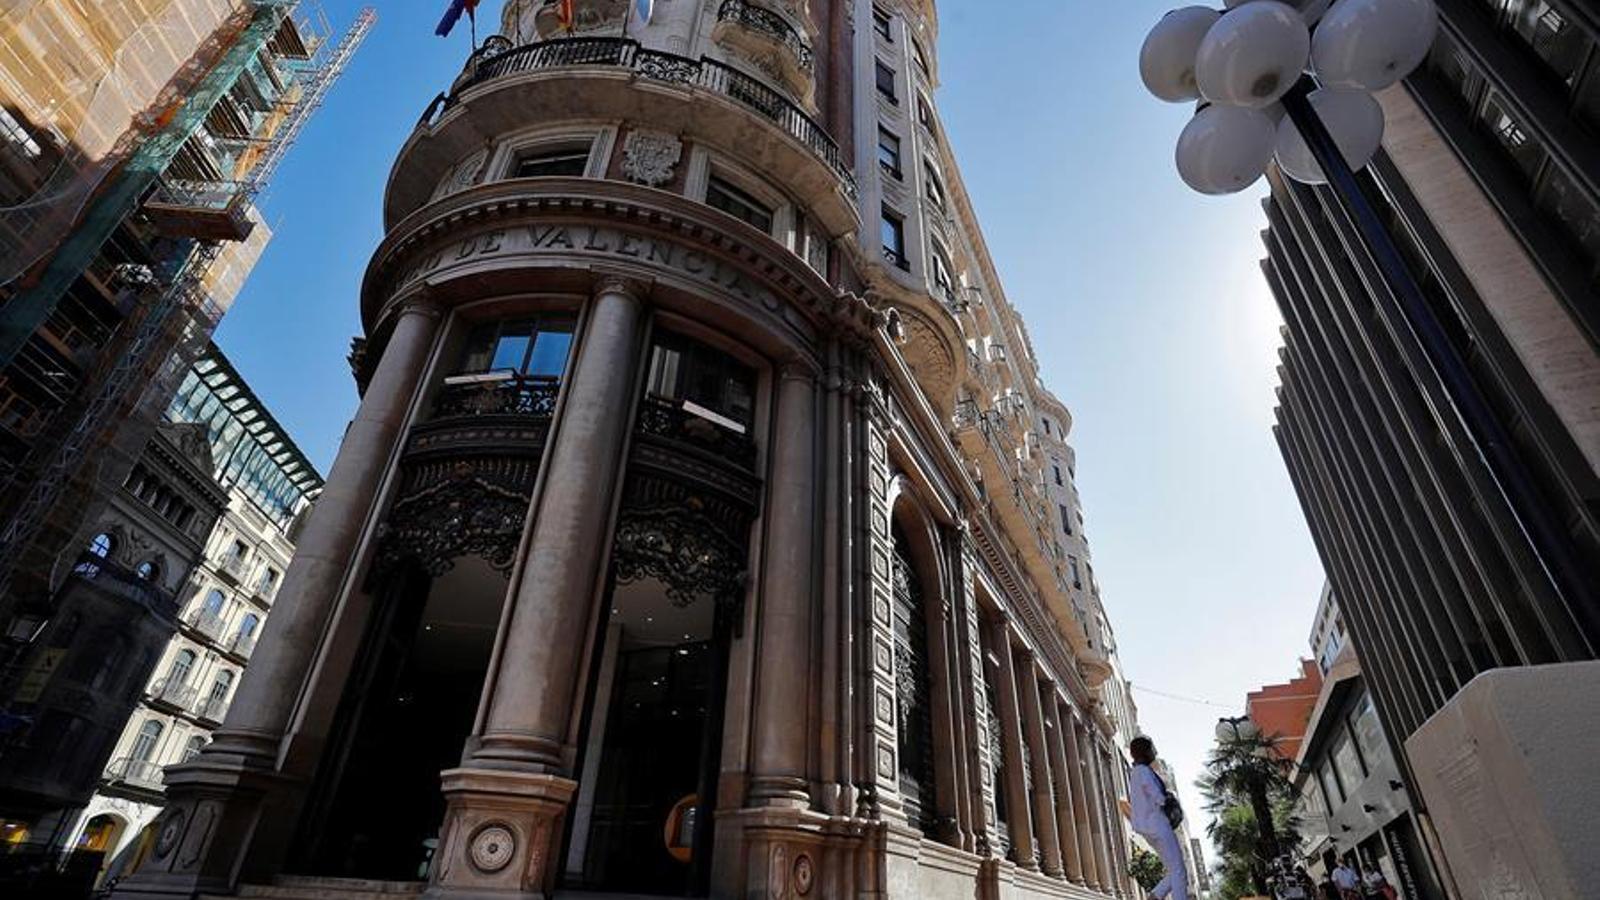 Imatge presa aquest divendres de la seu social de CaixaBank, situada en l'edifici històric de l'antic Banc de València. EFE/Manuel Bruque